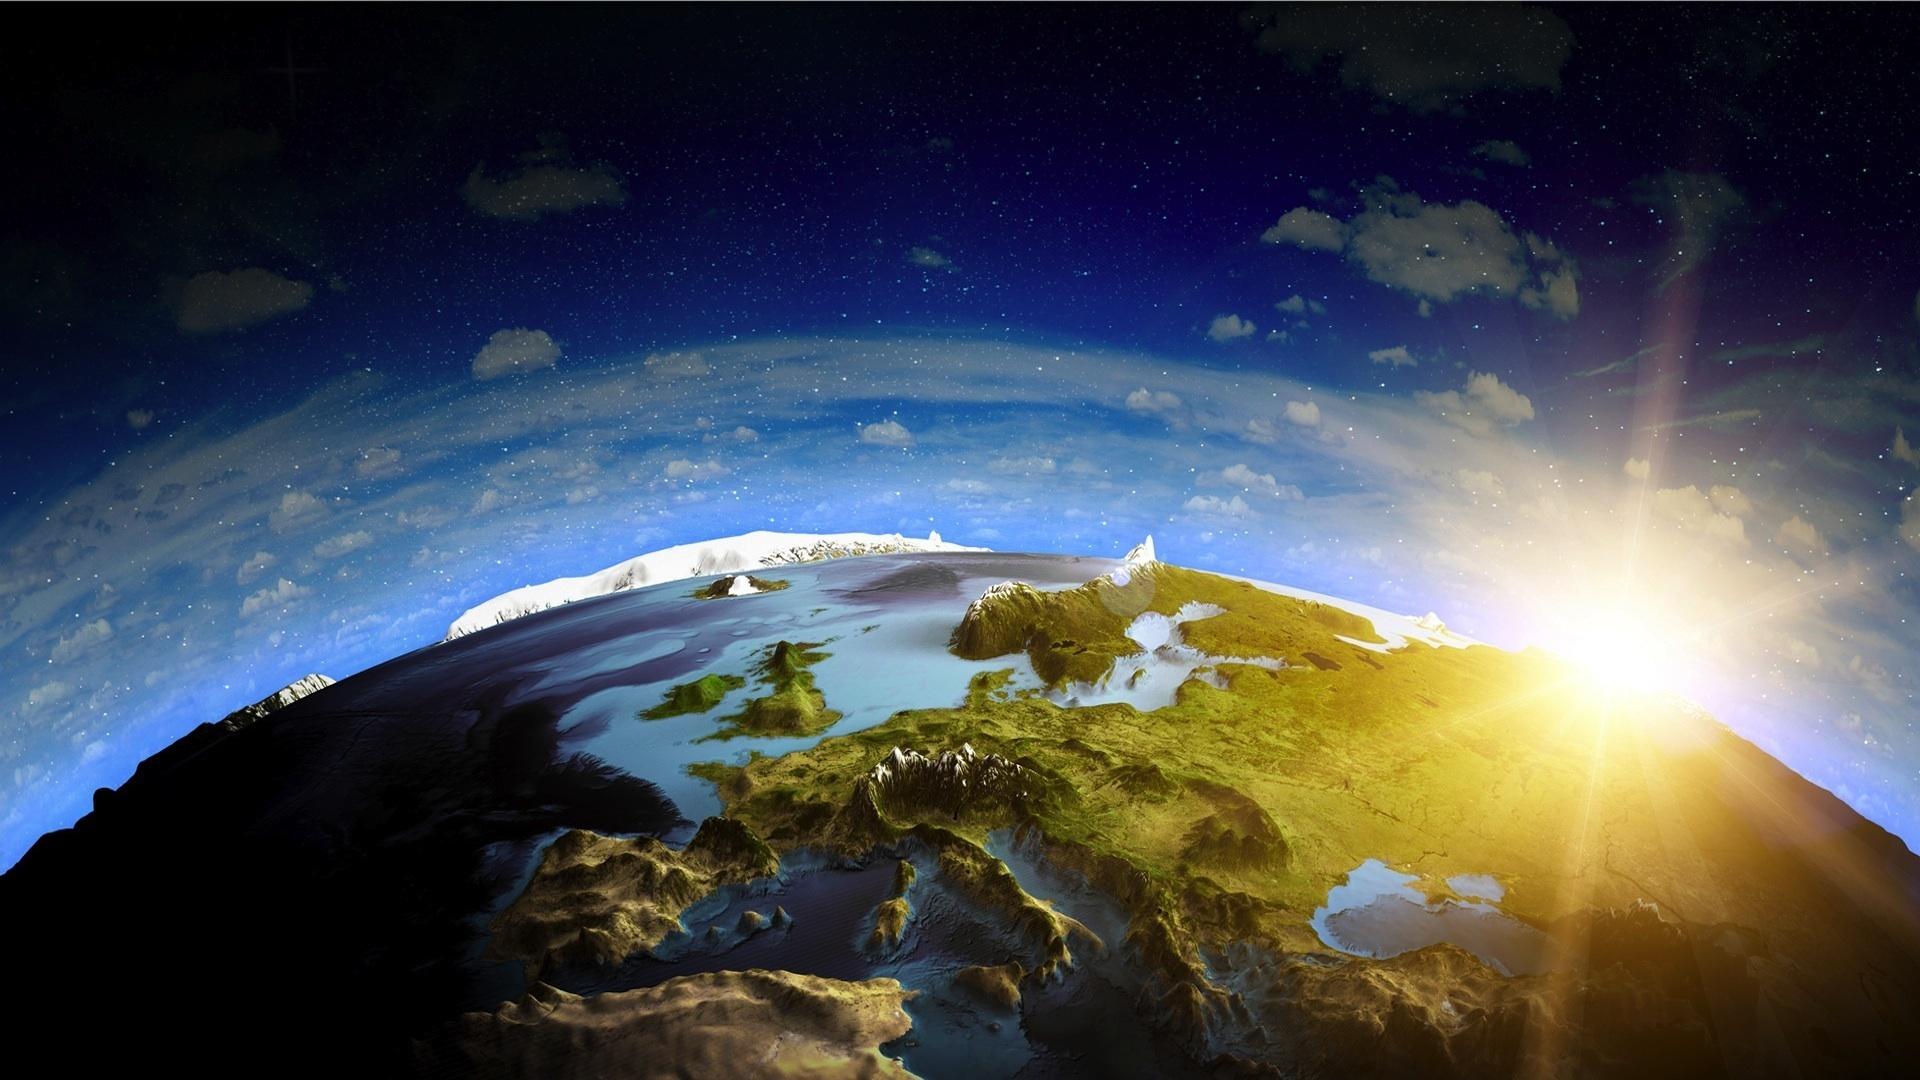 Обои планета земля тучи картинки на рабочий стол на тему Космос — скачать без смс